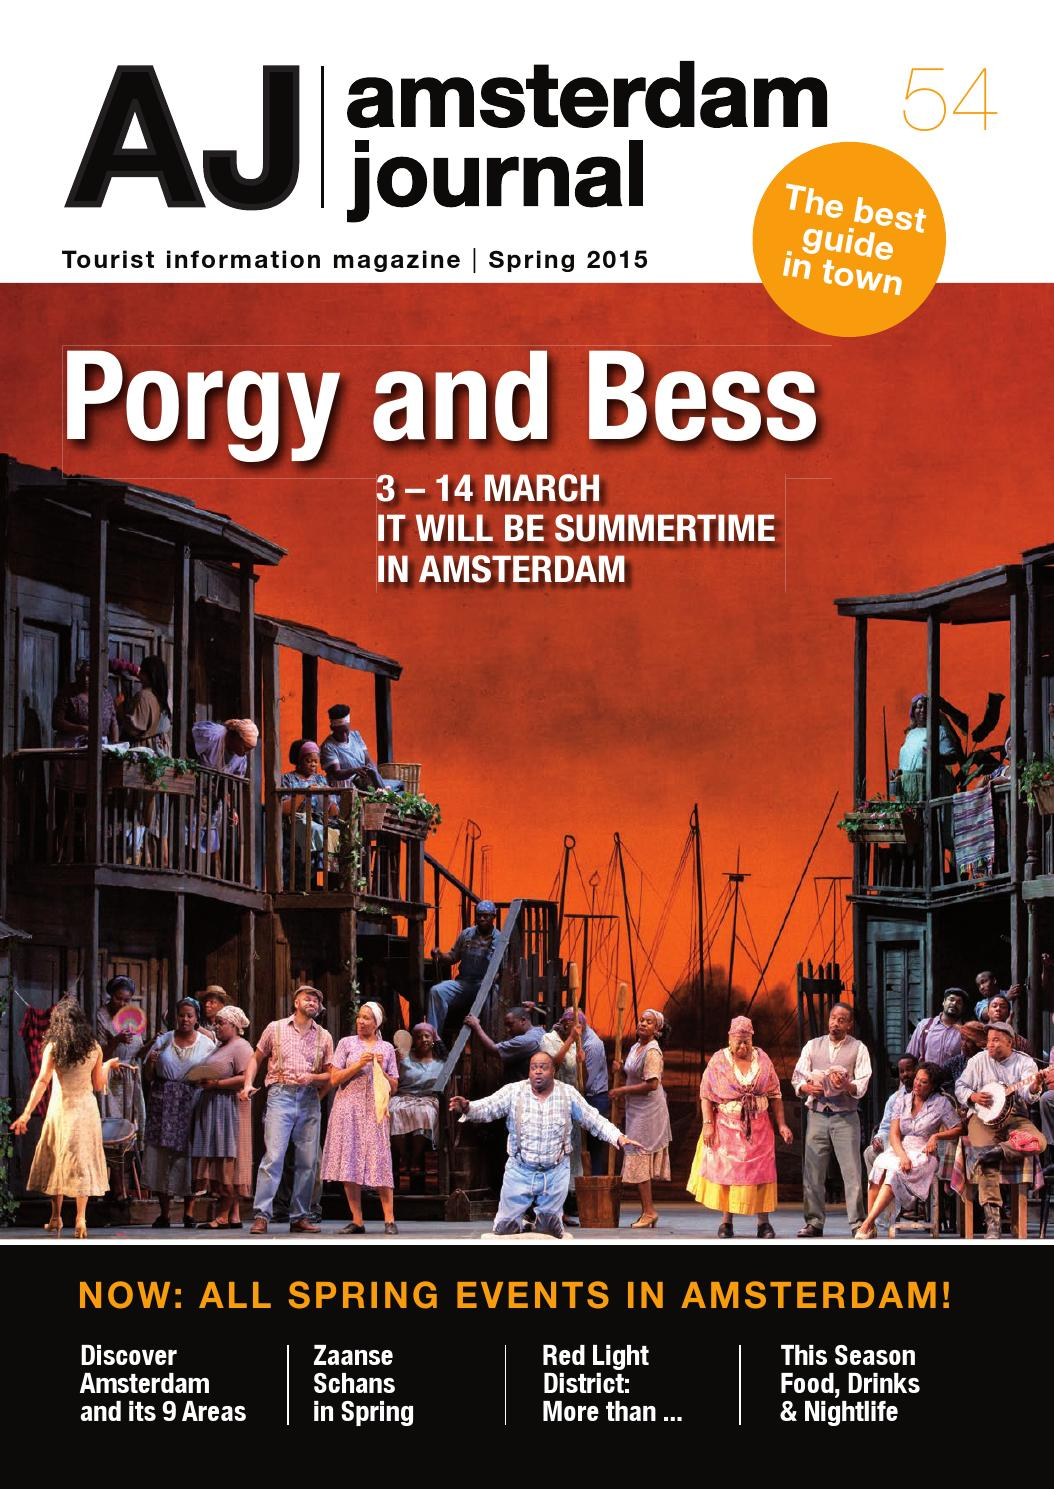 Amsterdam Journal 54 Spring 2015 By Rachel De Graaf Issuu